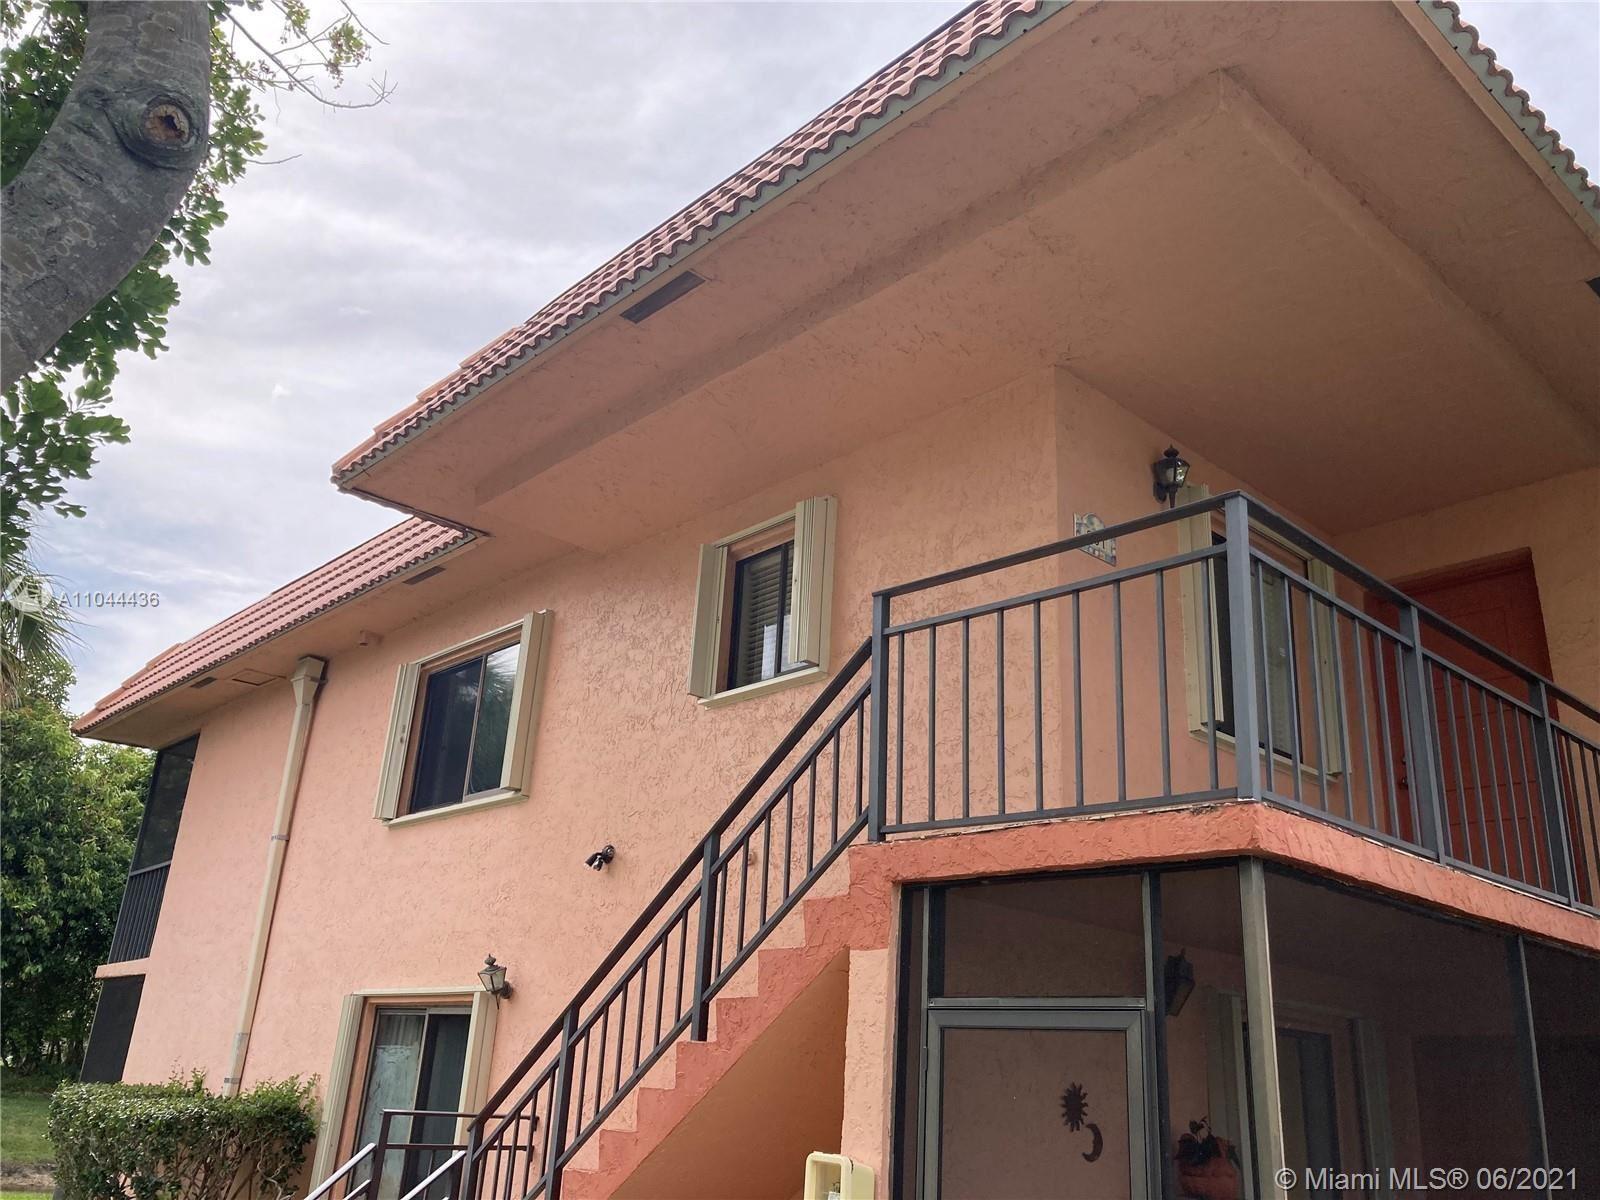 227 Lakeview Dr #201, Weston, FL 33326 - #: A11044436